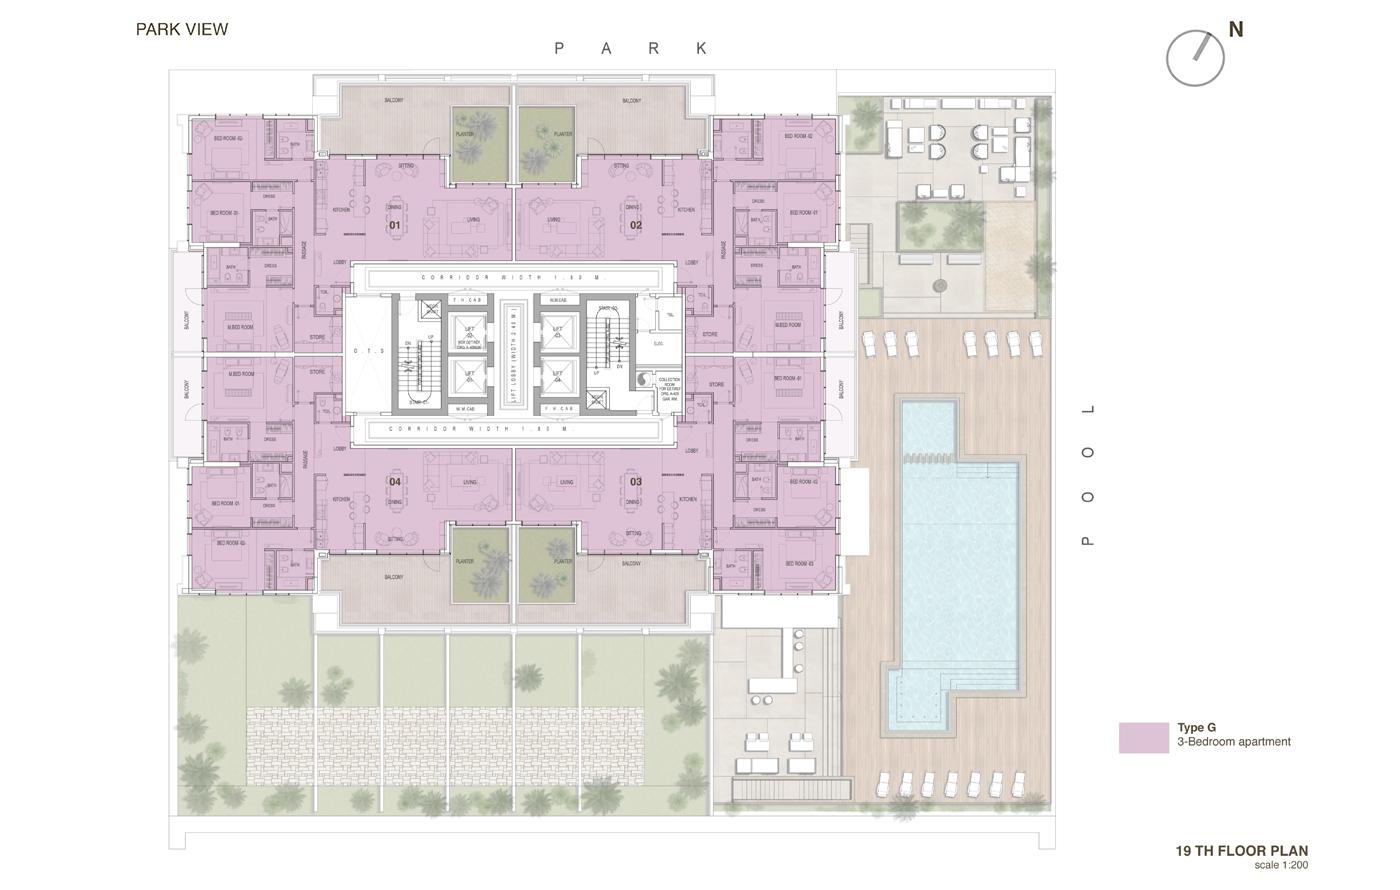 خطة الطابق الـ19 